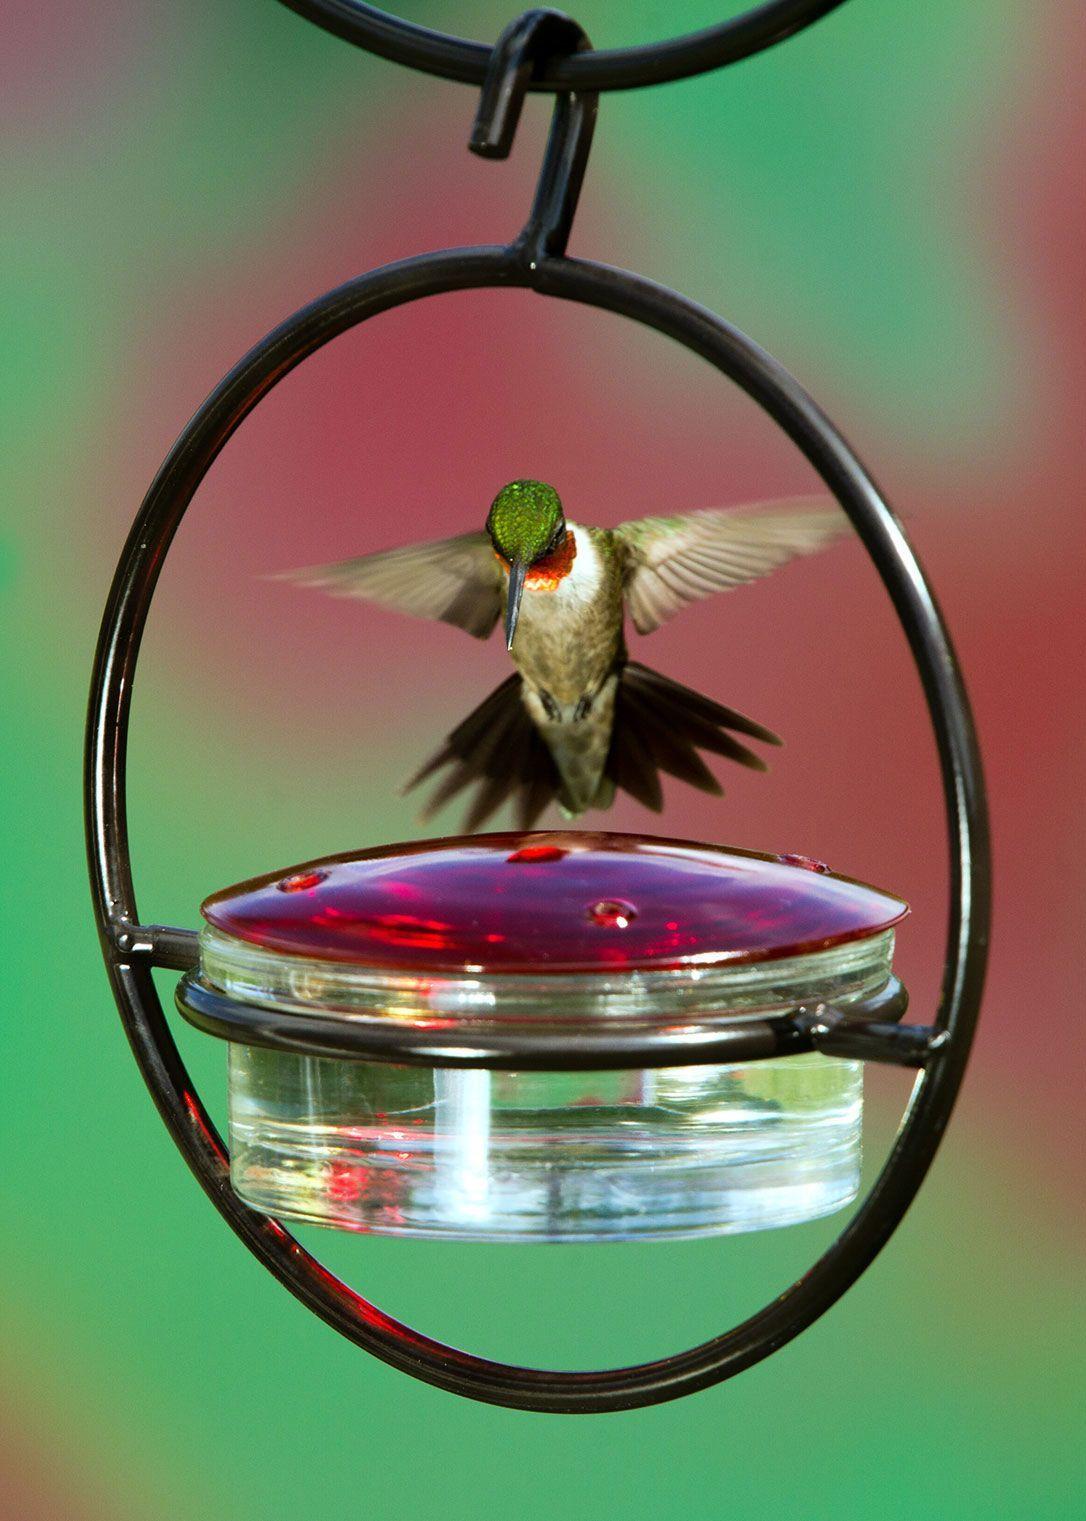 Hummingbird Feeder Rodale's Humming bird feeders